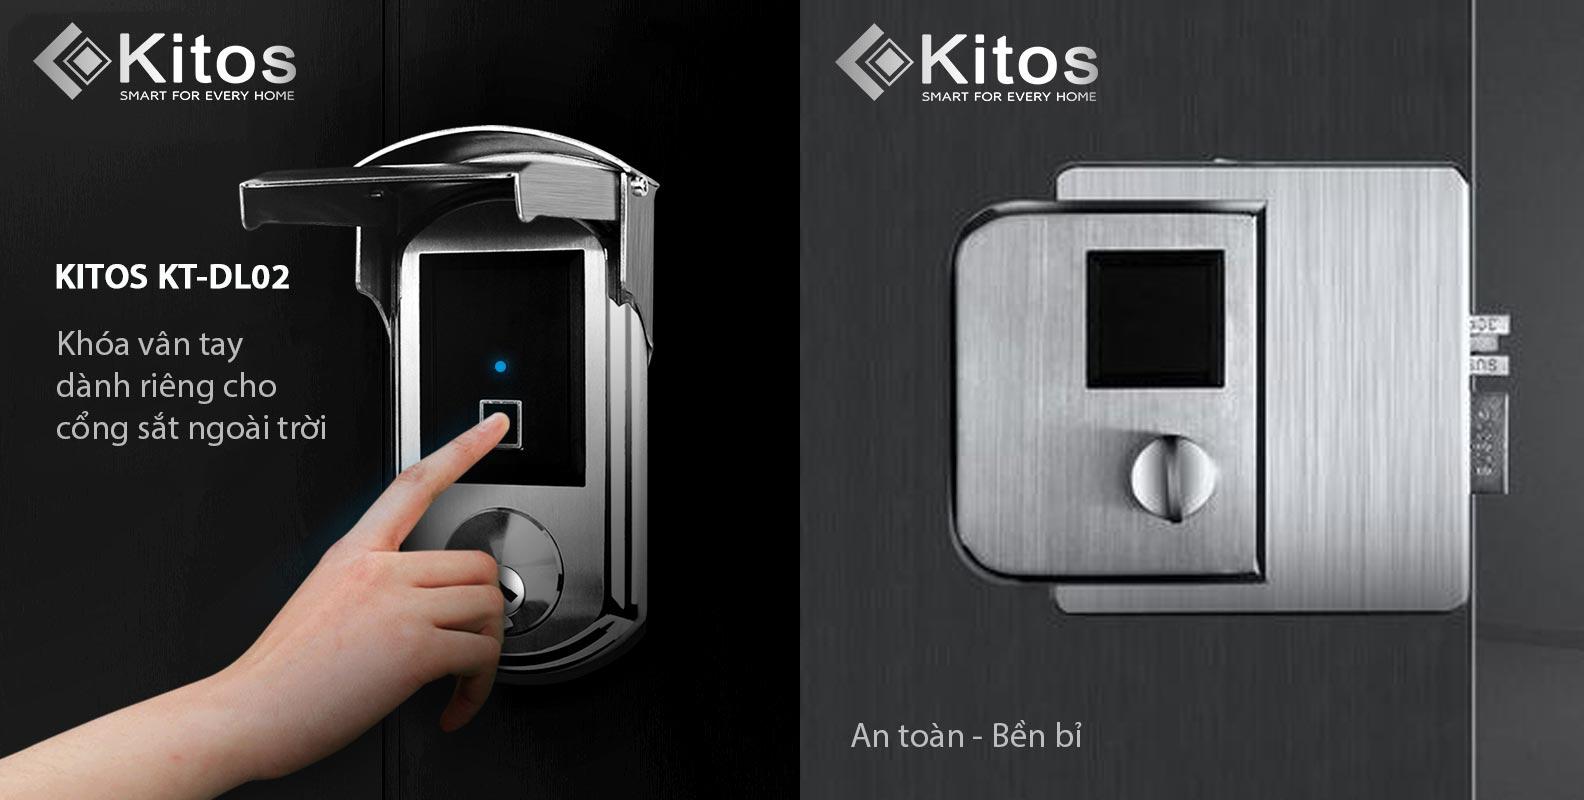 Khóa vân tay cửa cổng ngoài trời Kitos KT-DL02